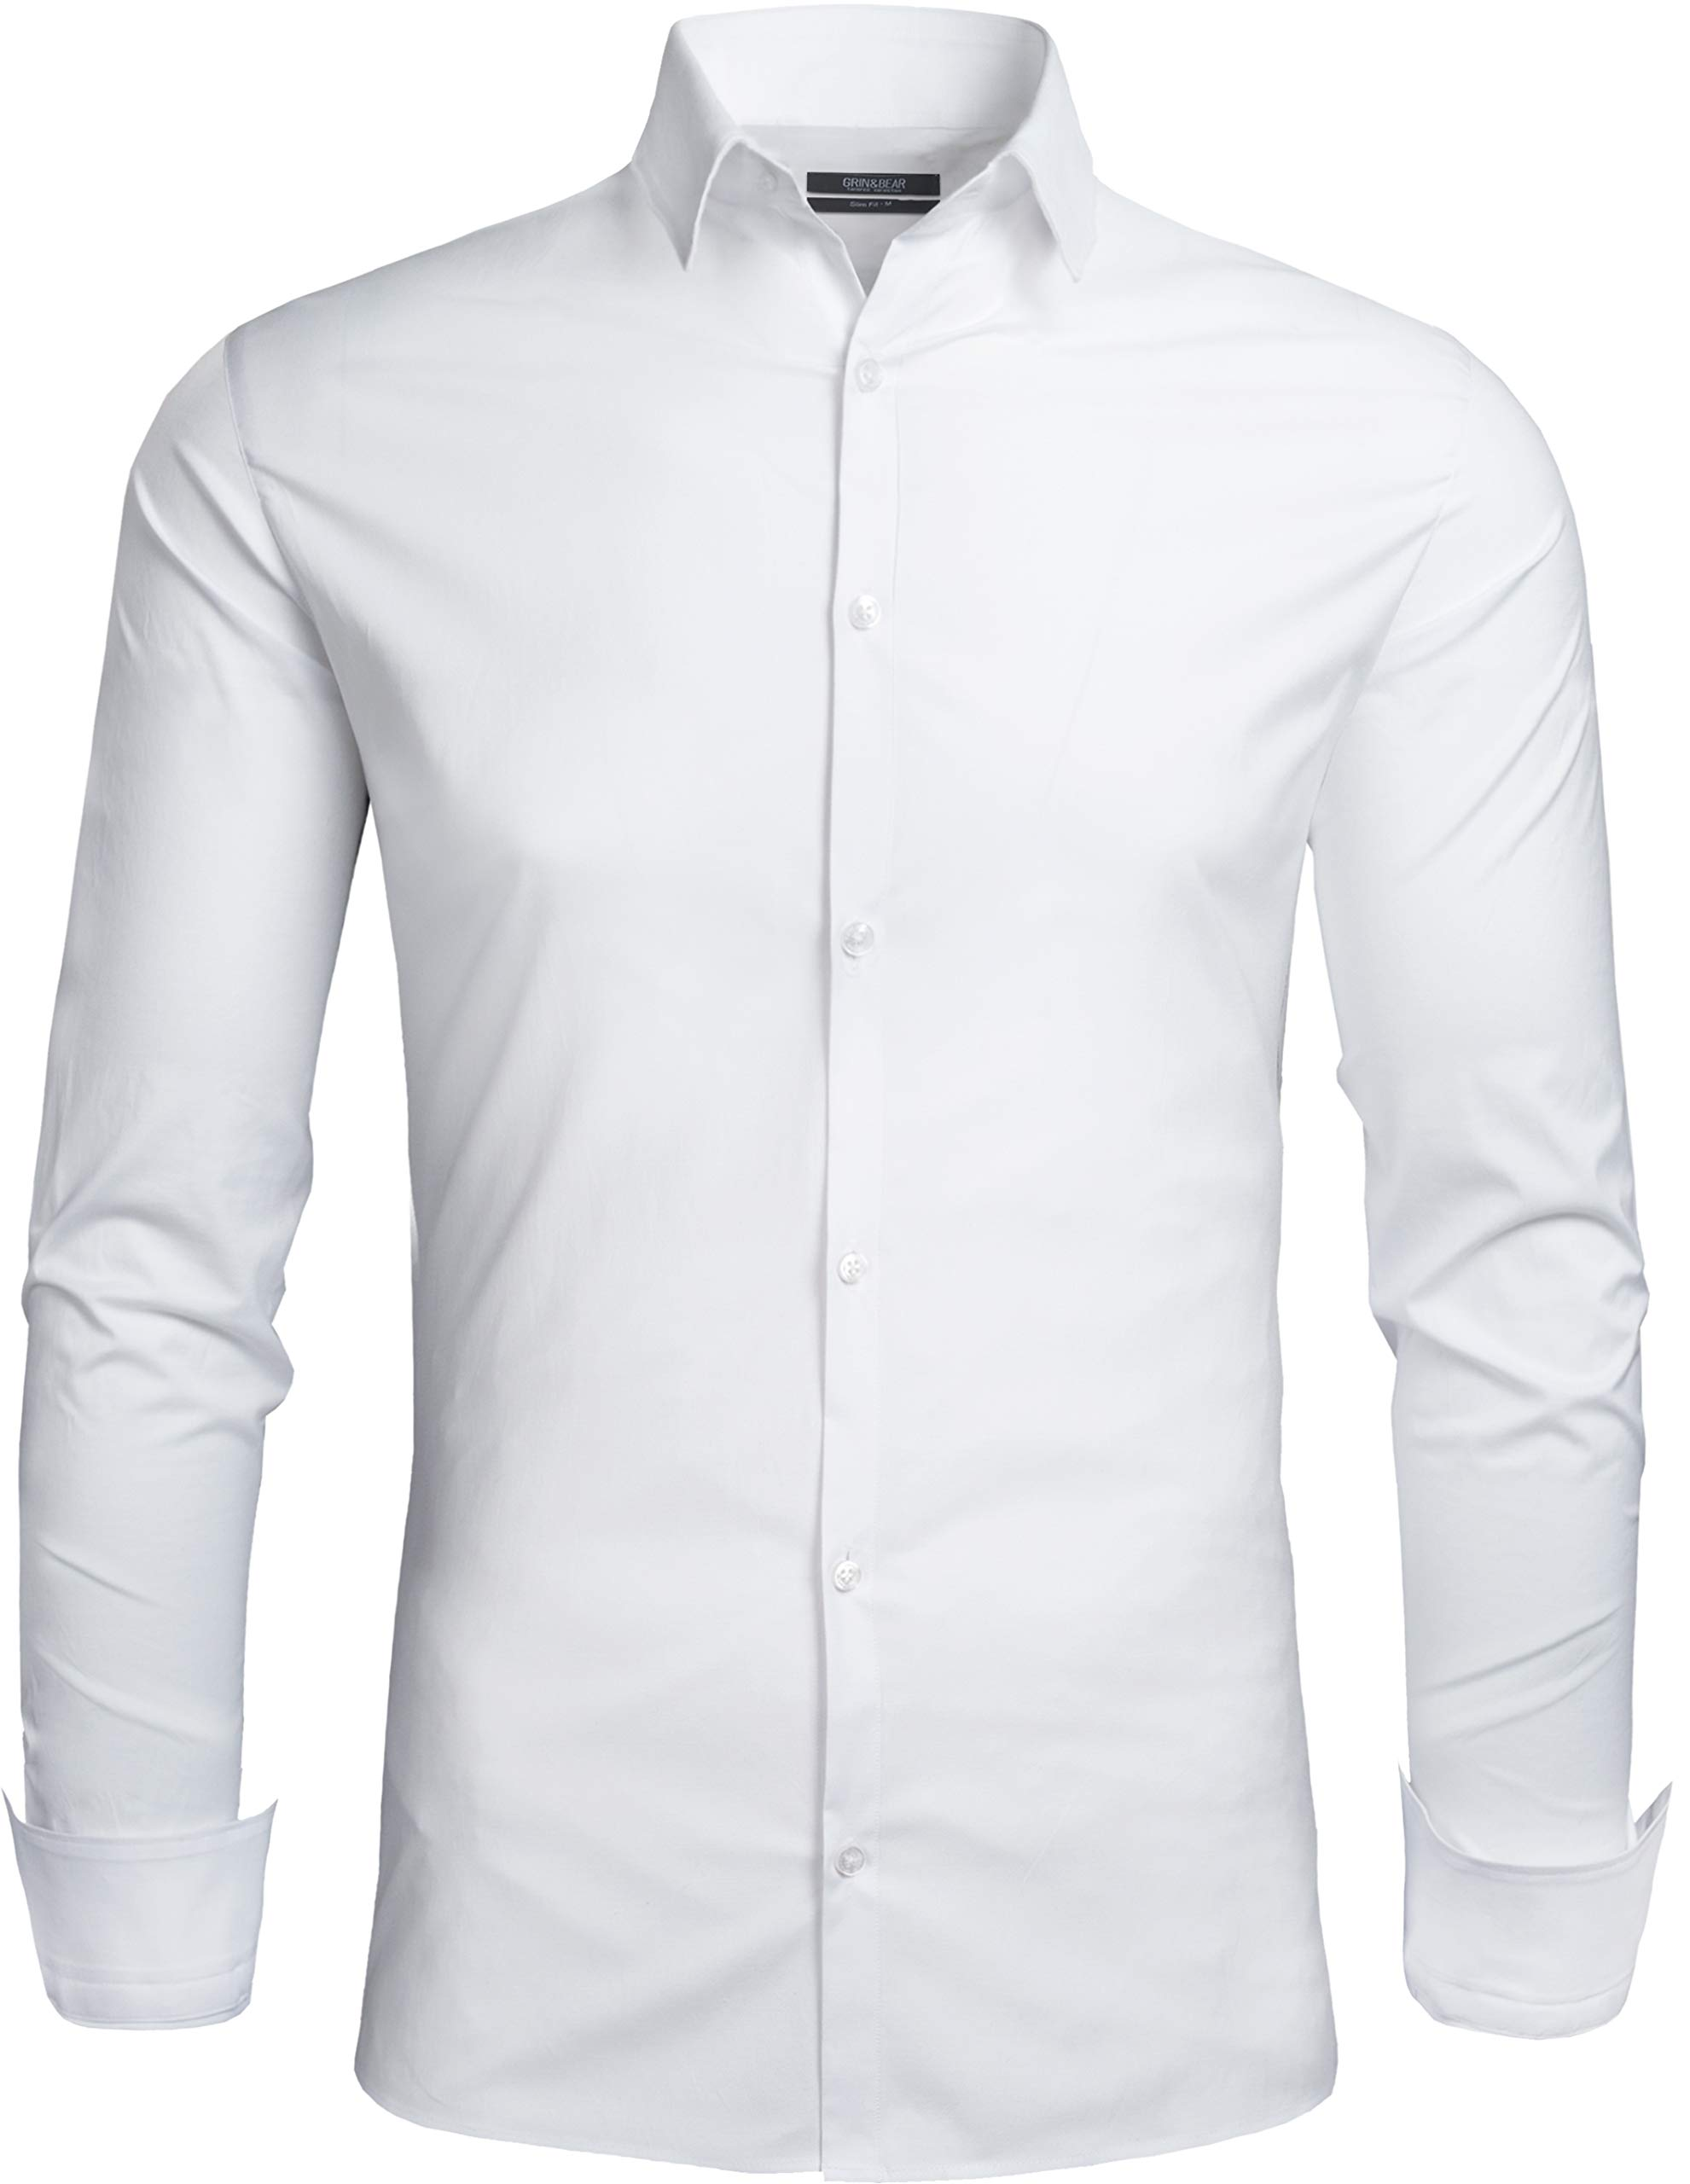 483e45500dcae4 Grin&Bear Herren Hemd in 3 Verschiedenen Passformen, von Extra Slim Fit bis  Regular, für Freizeit und Büro, SH333